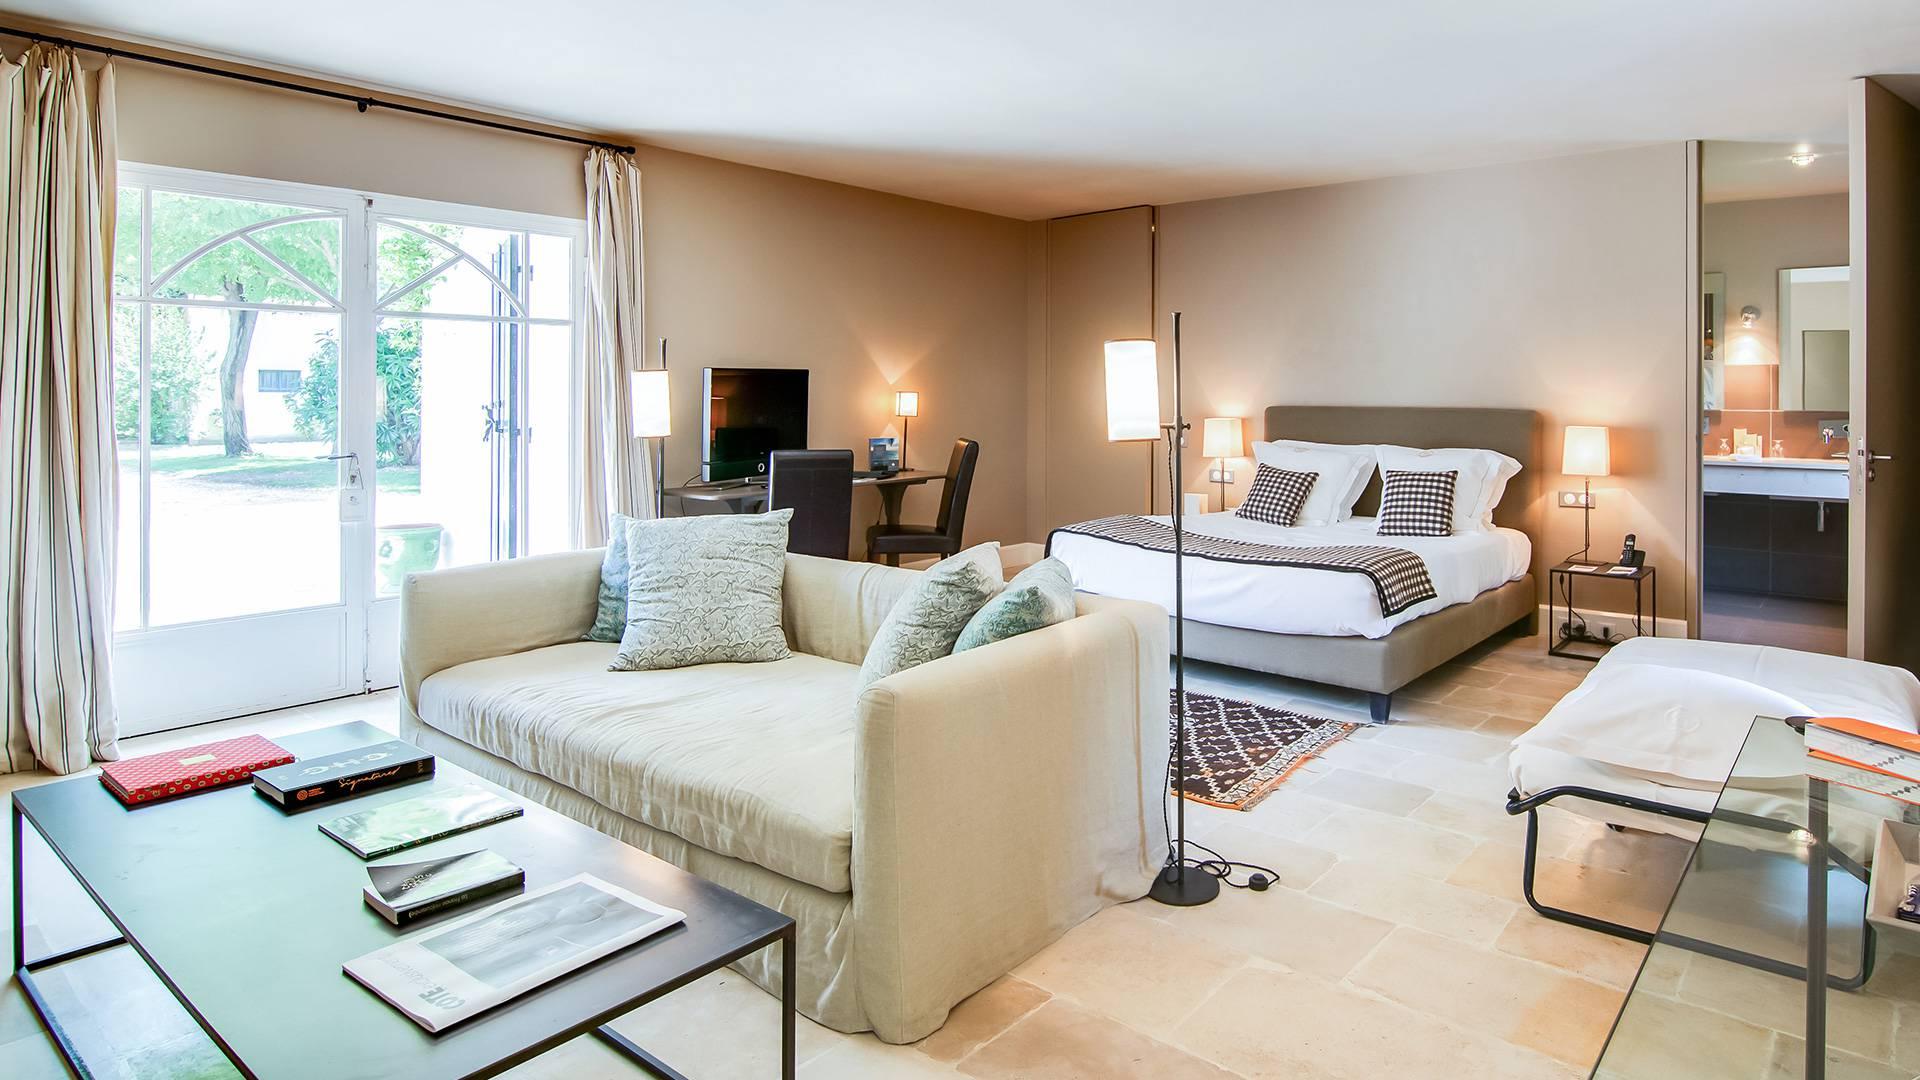 Il y a beaucoup de frais et coûts annexes lors de l'achat et la vente d'une propriété au Portugal